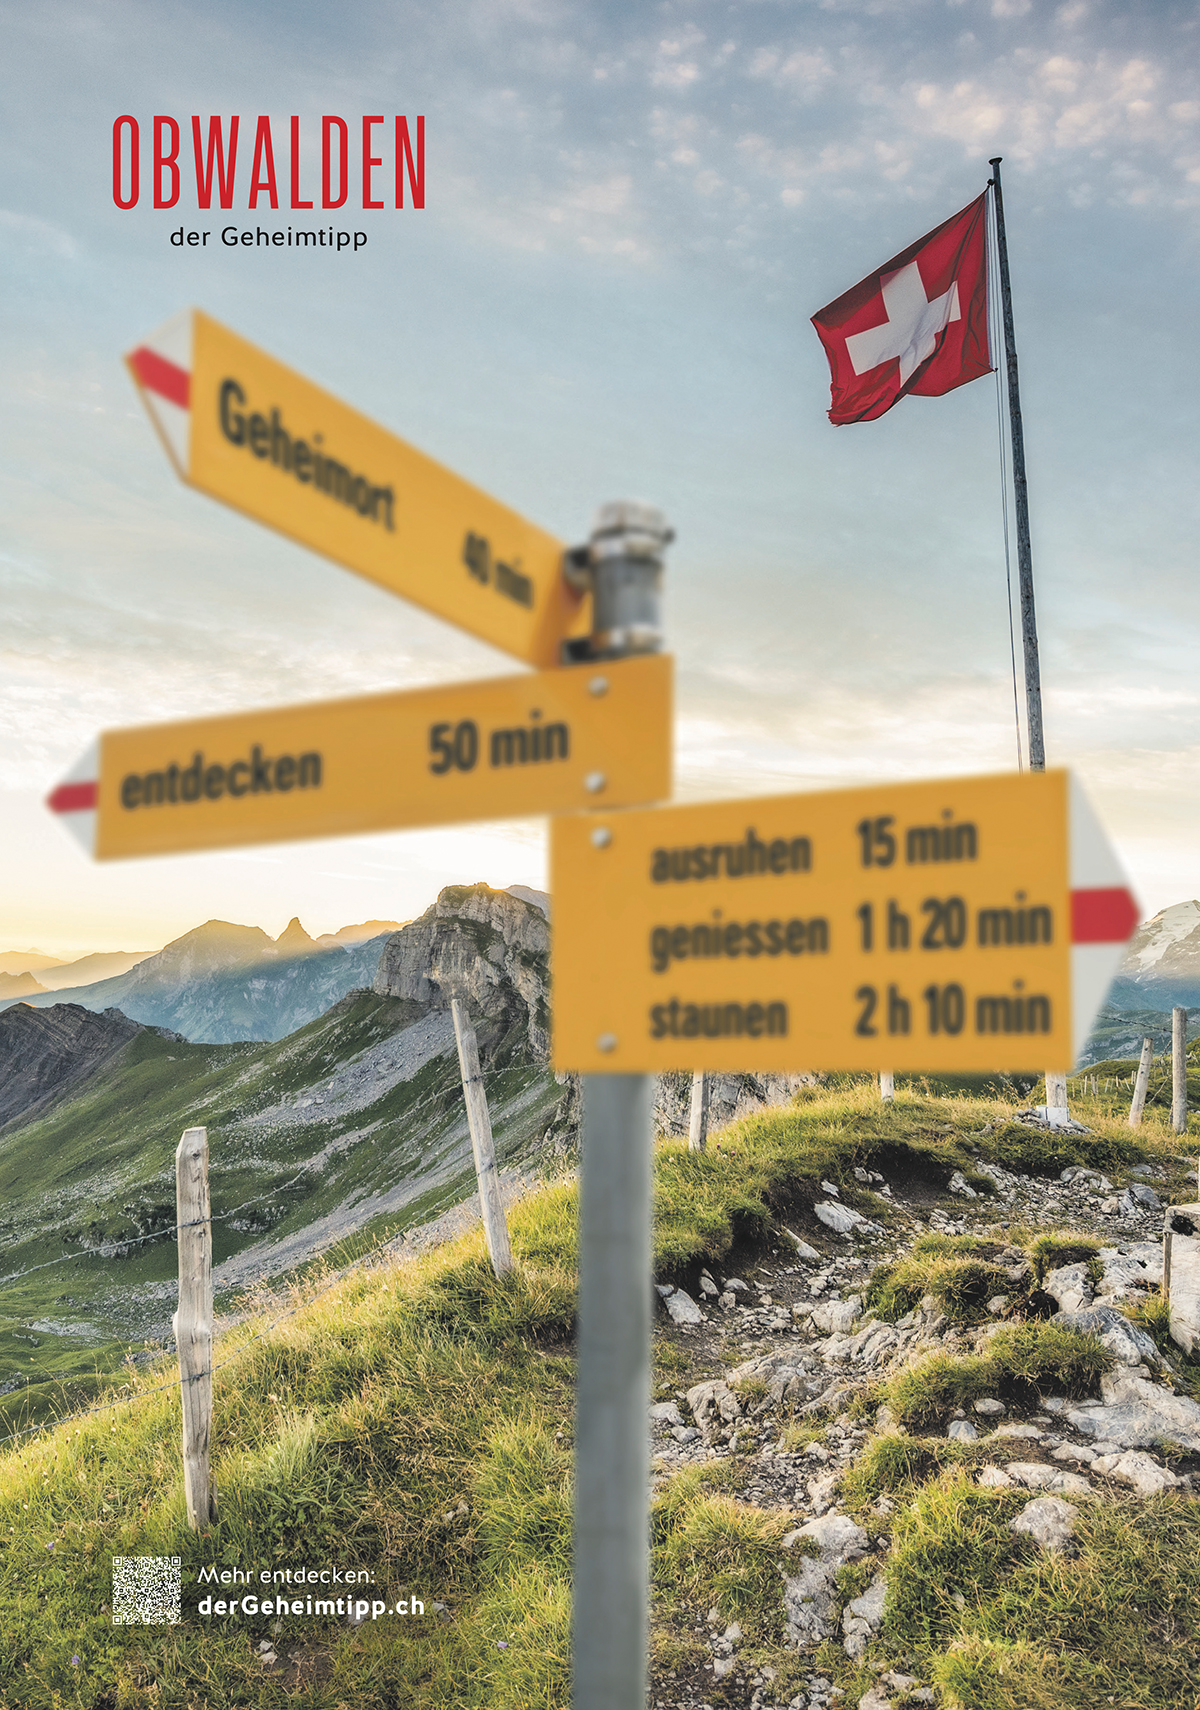 Geheimort-entdecken-in-Obwalden